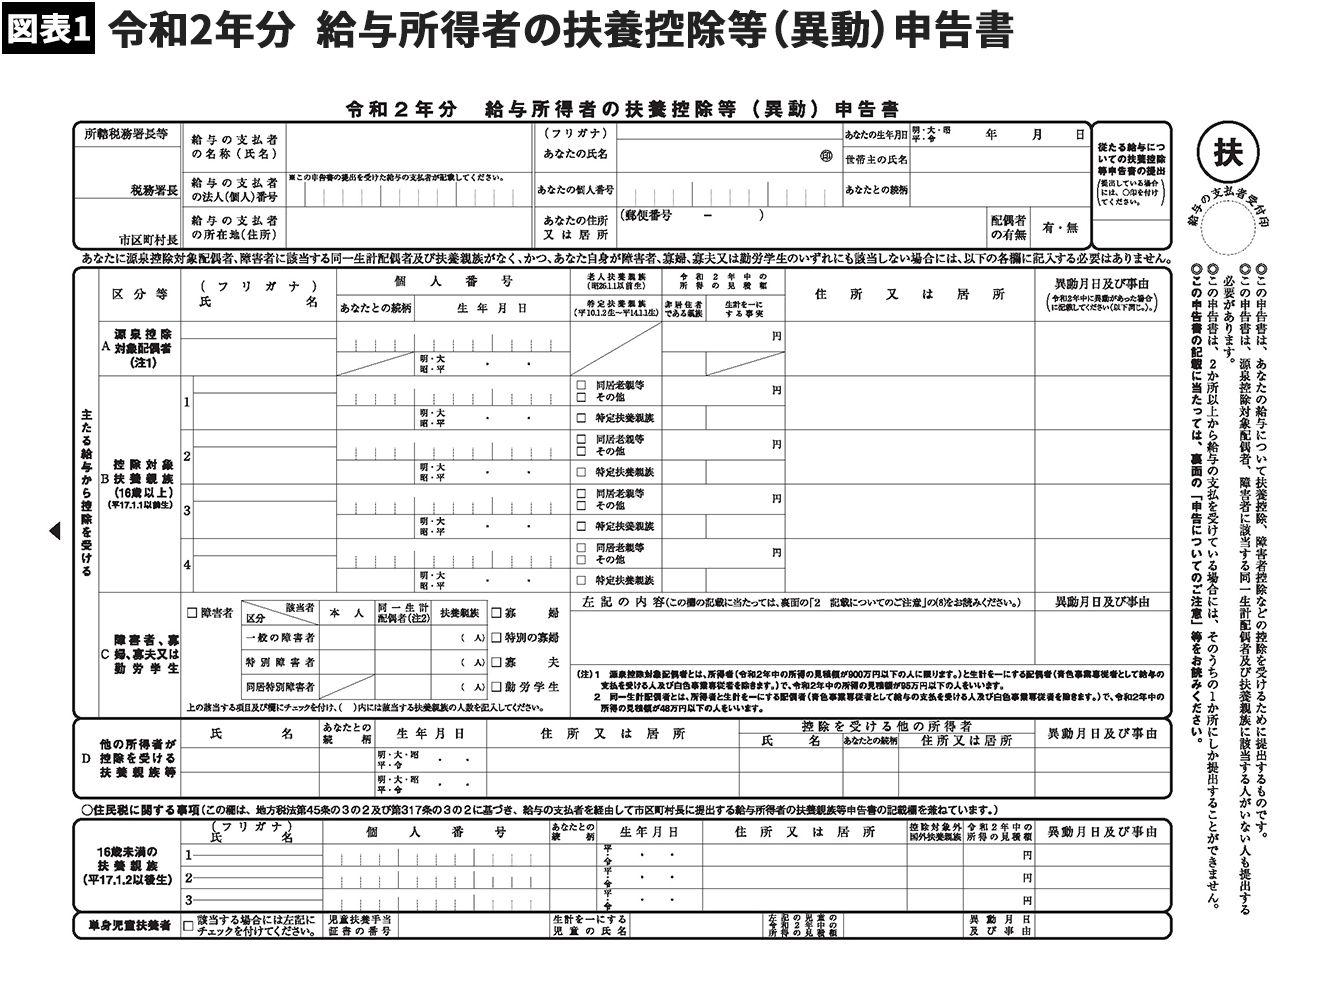 令 和 元 年 分 給与 所得 者 の 配偶 者 控除 等 申告 書 記入 例